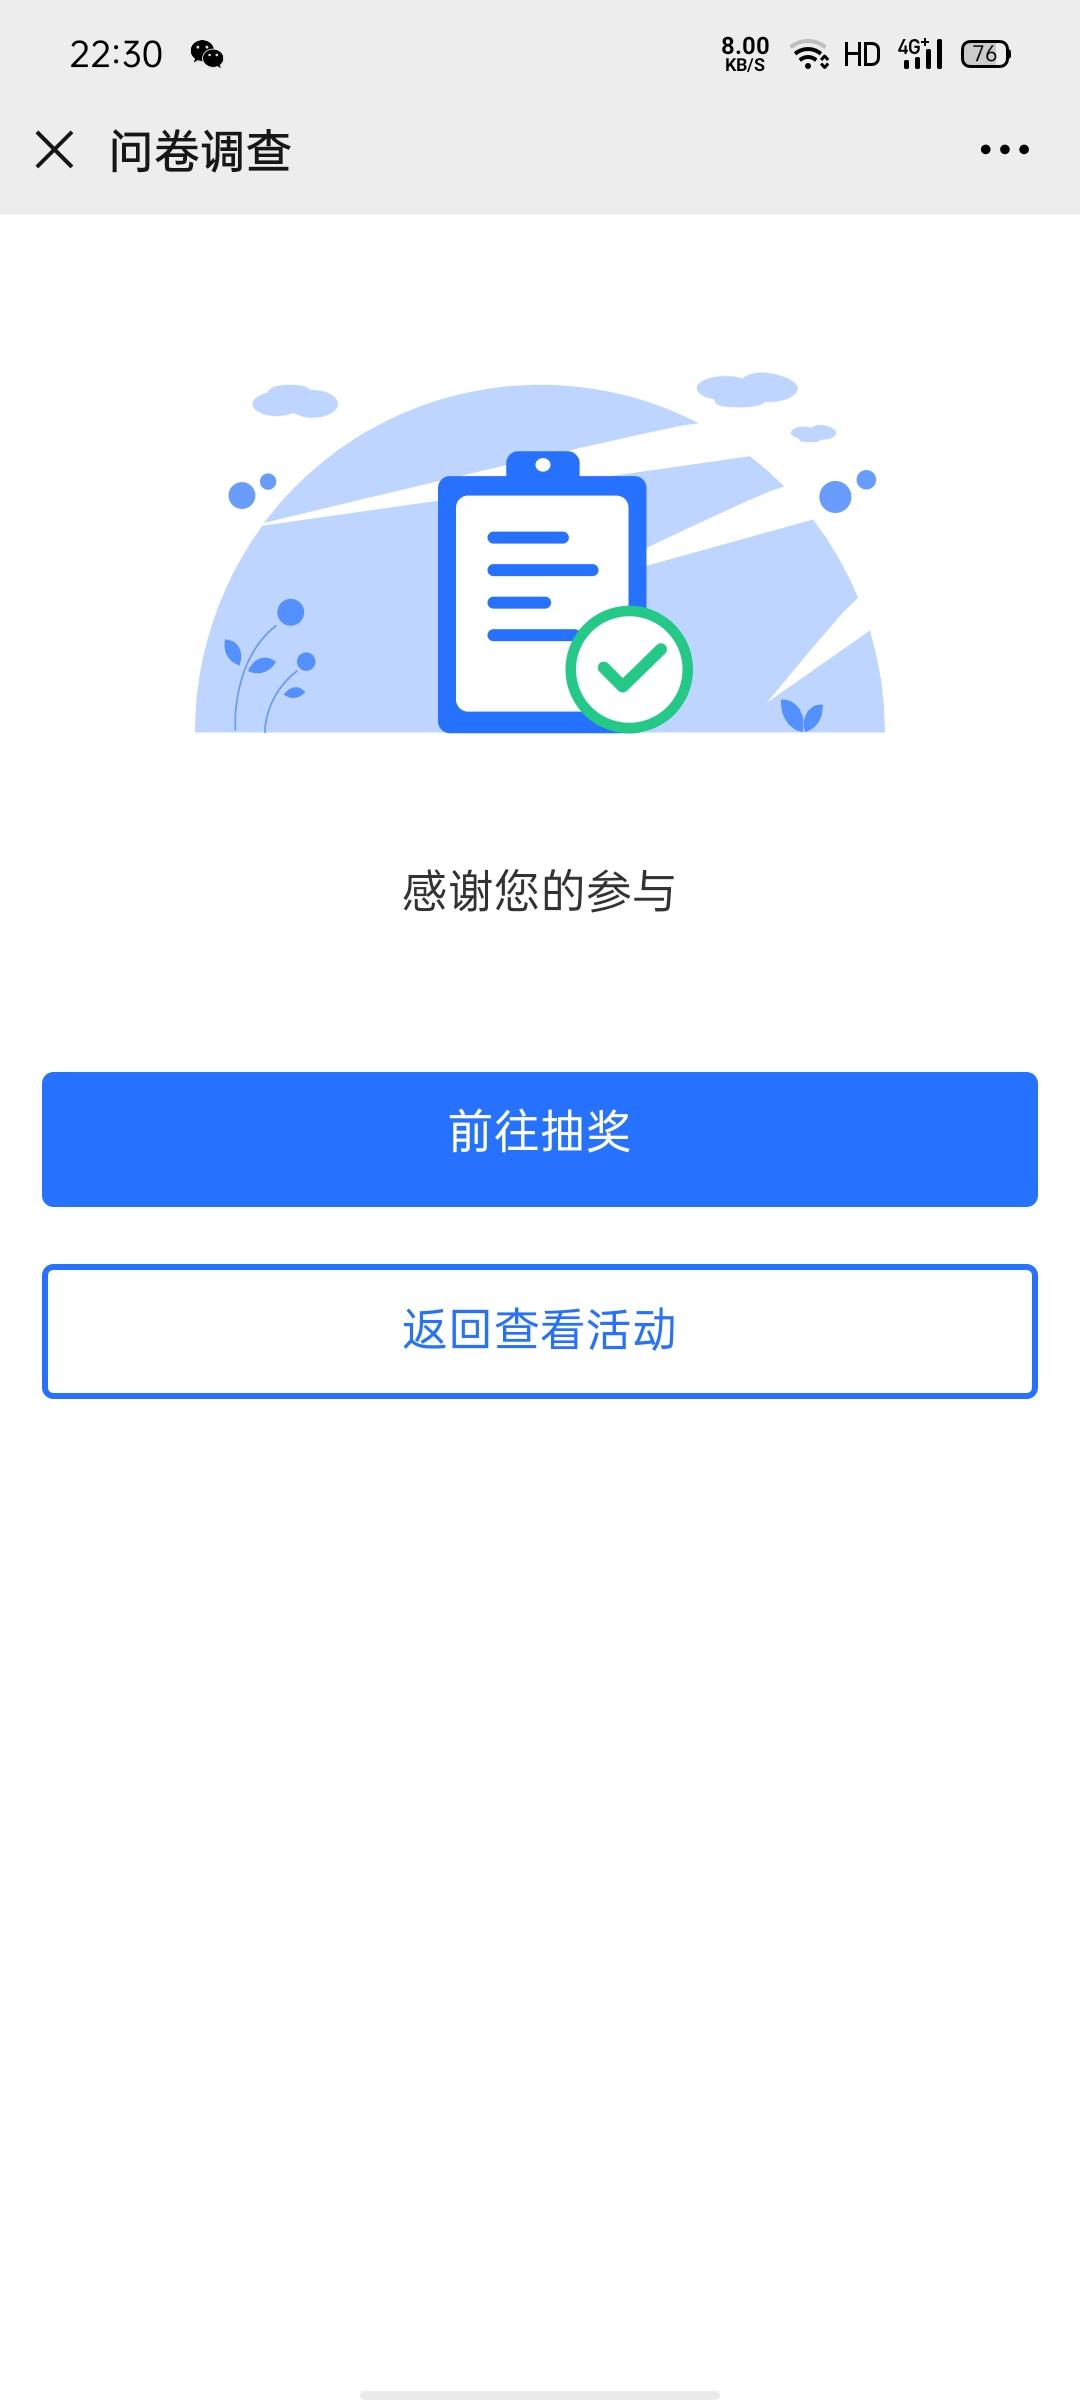 图片[2]-江苏省私个协会填问卷抽红包-老友薅羊毛活动线报网